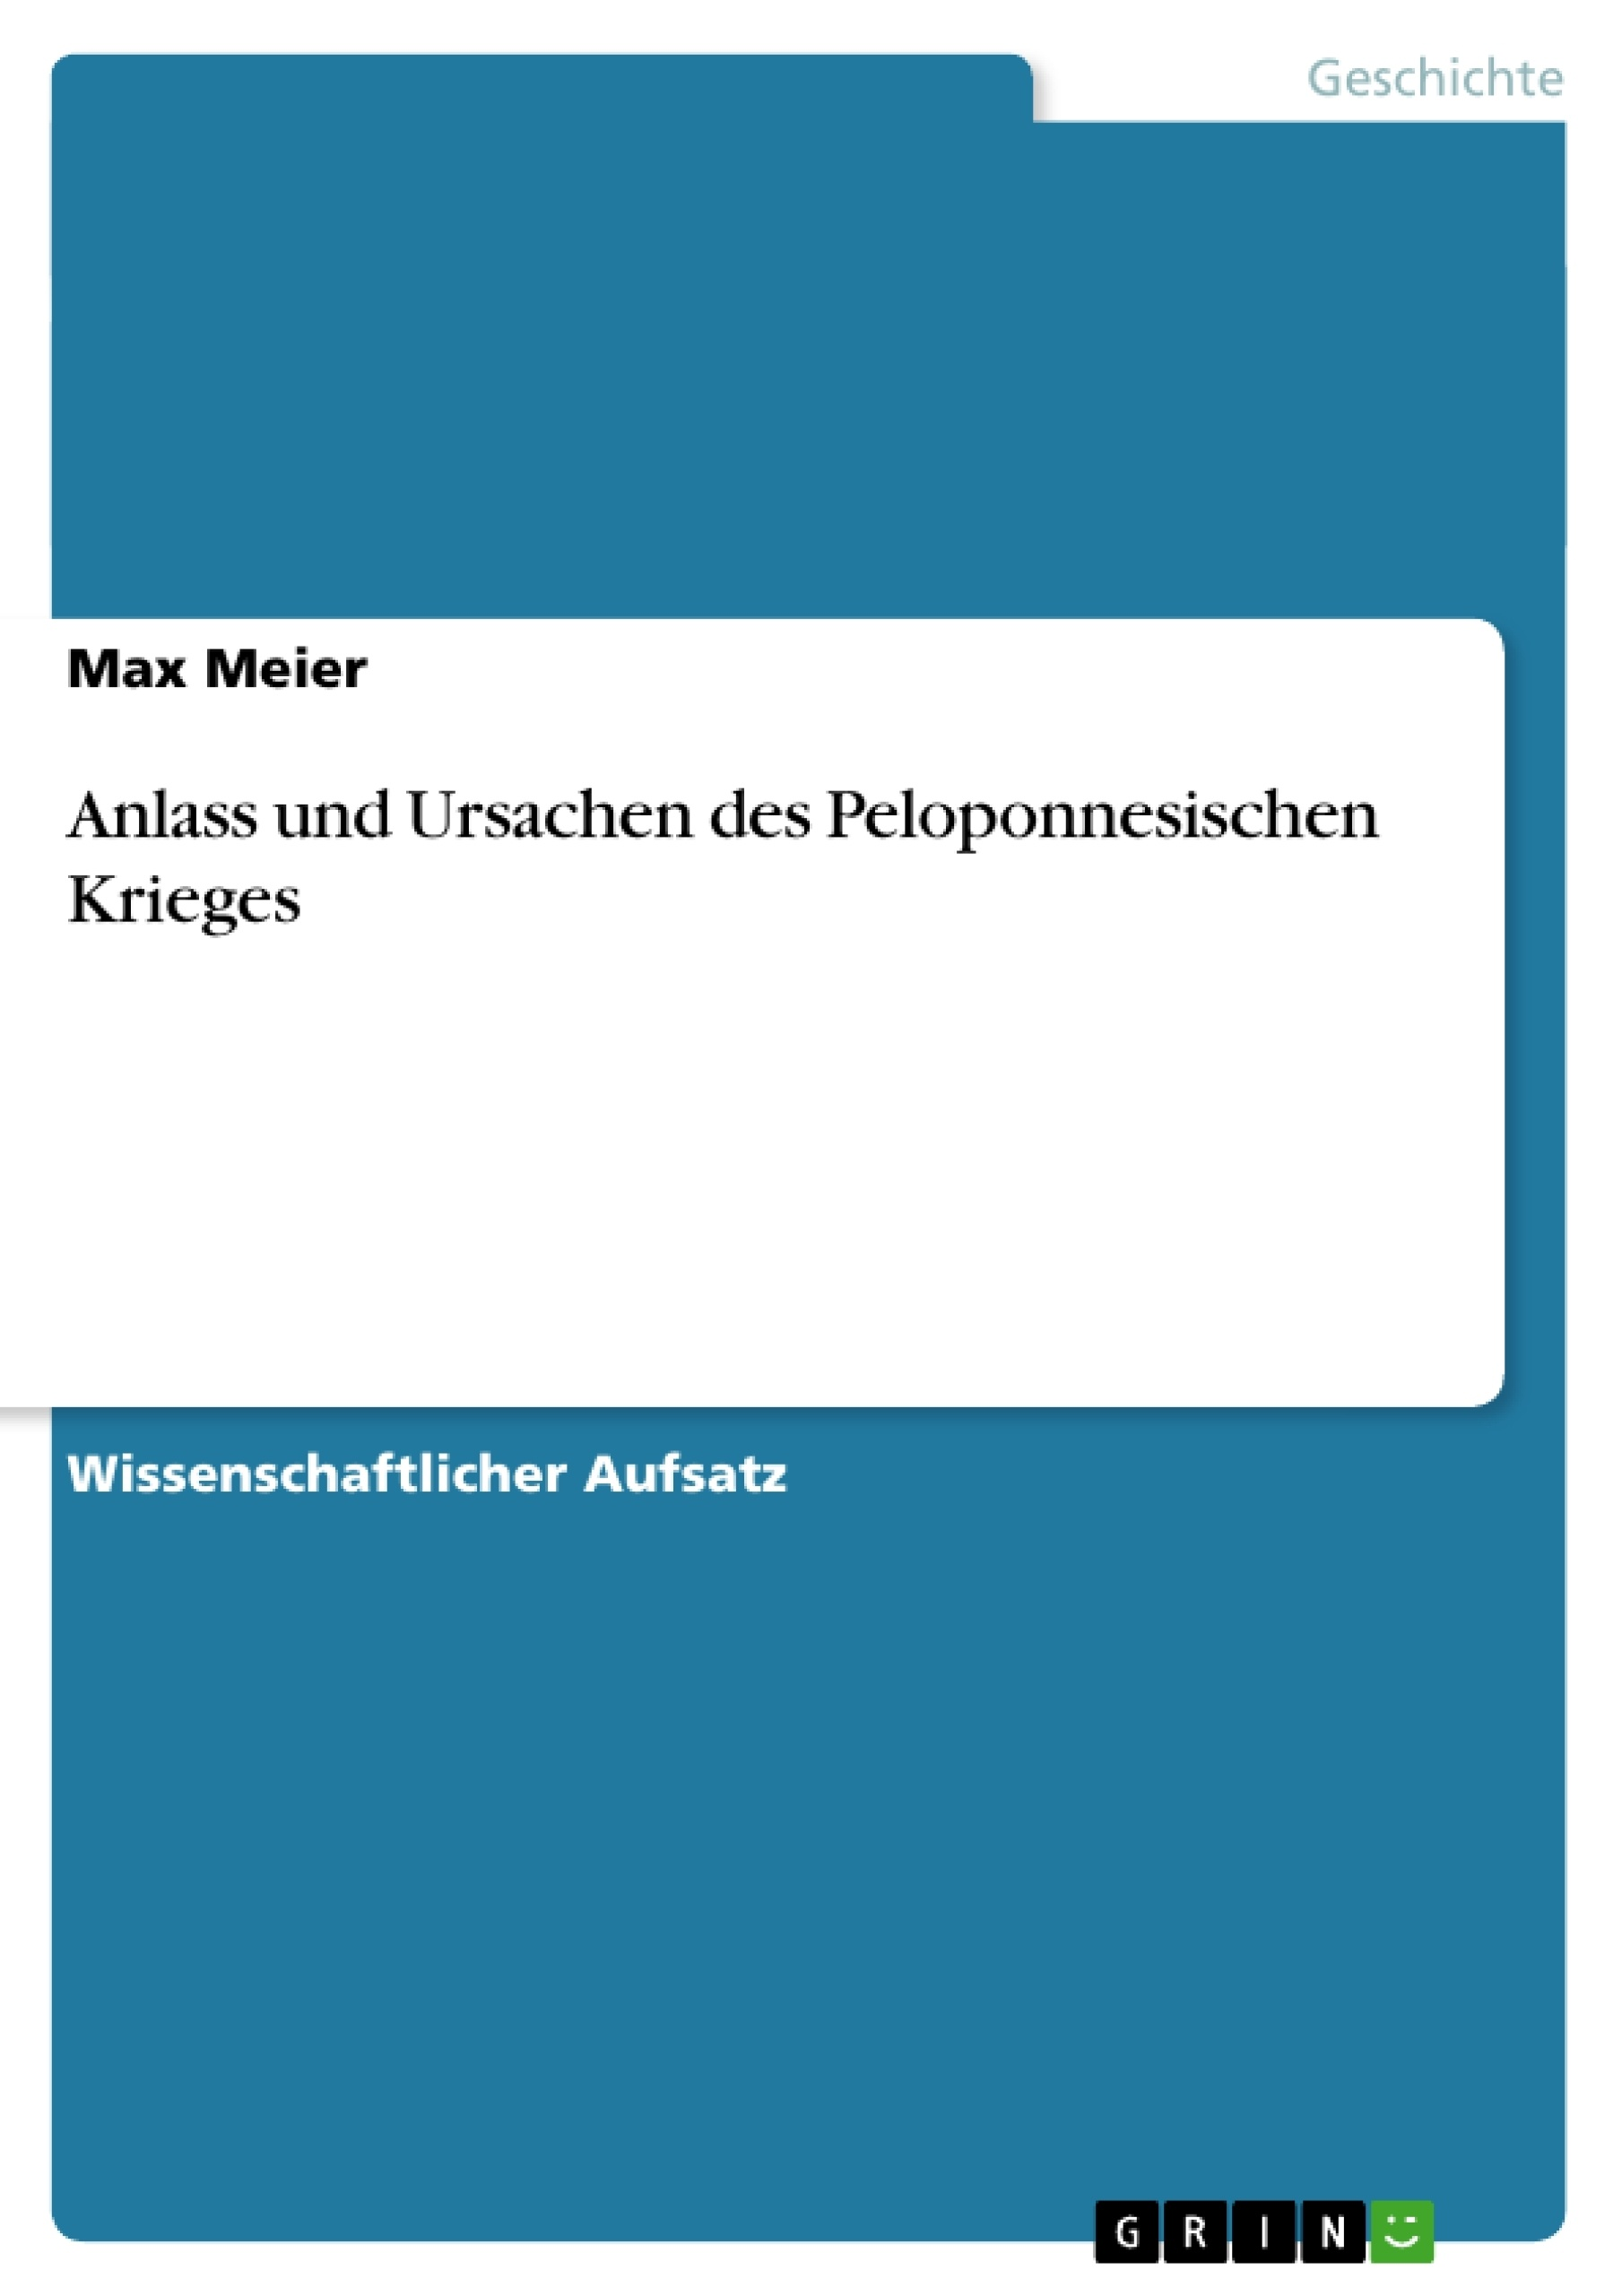 Titel: Anlass und Ursachen des Peloponnesischen Krieges